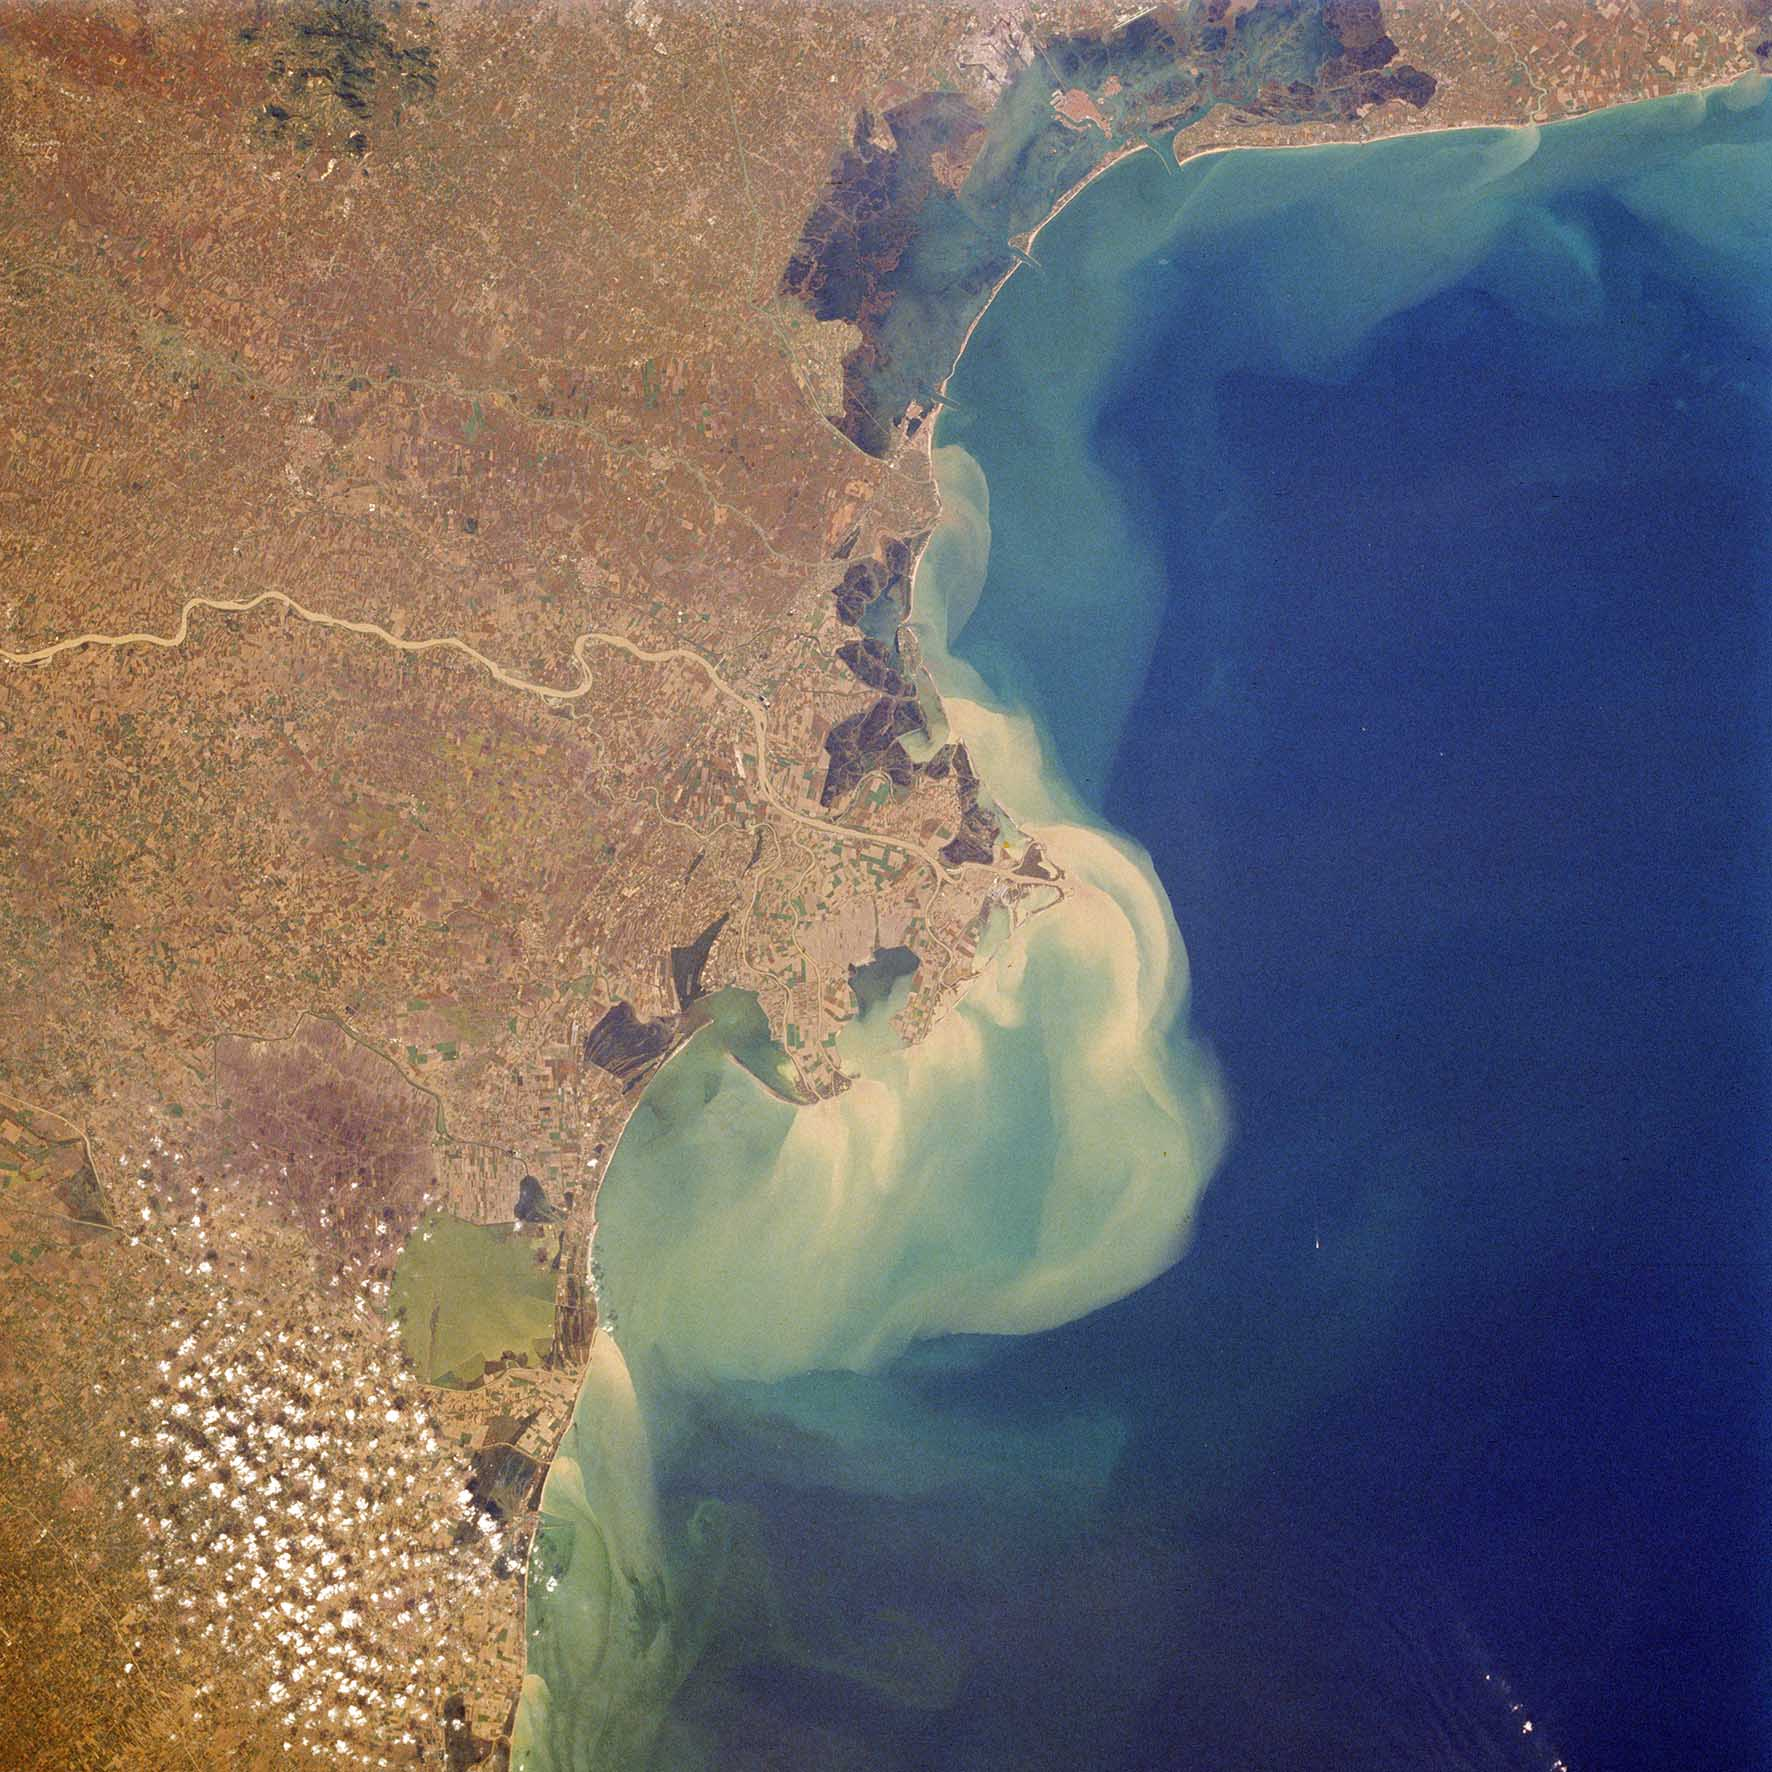 laguna venezia delta fiume po da satellite 2